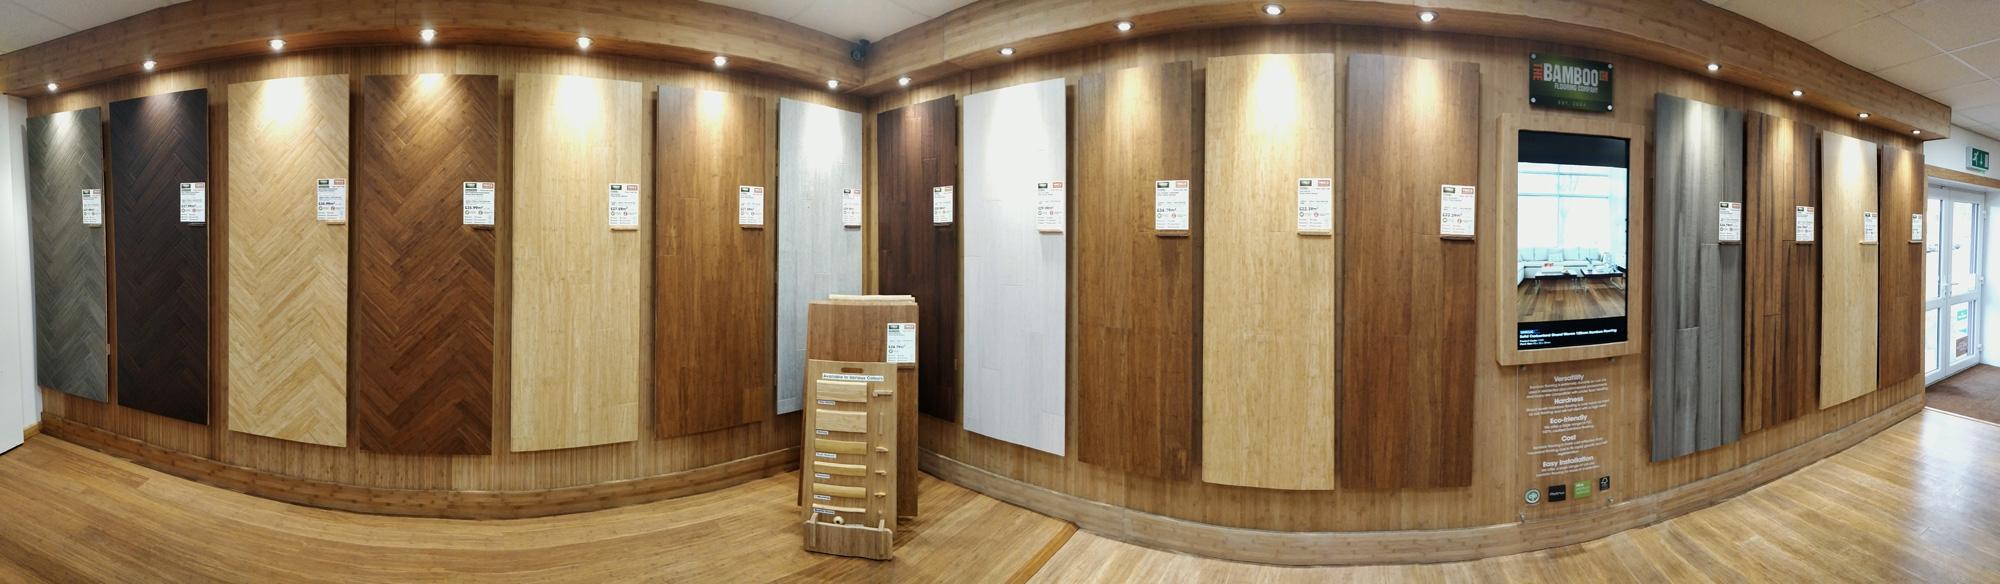 Bamboo Flooring Panoramic Photo